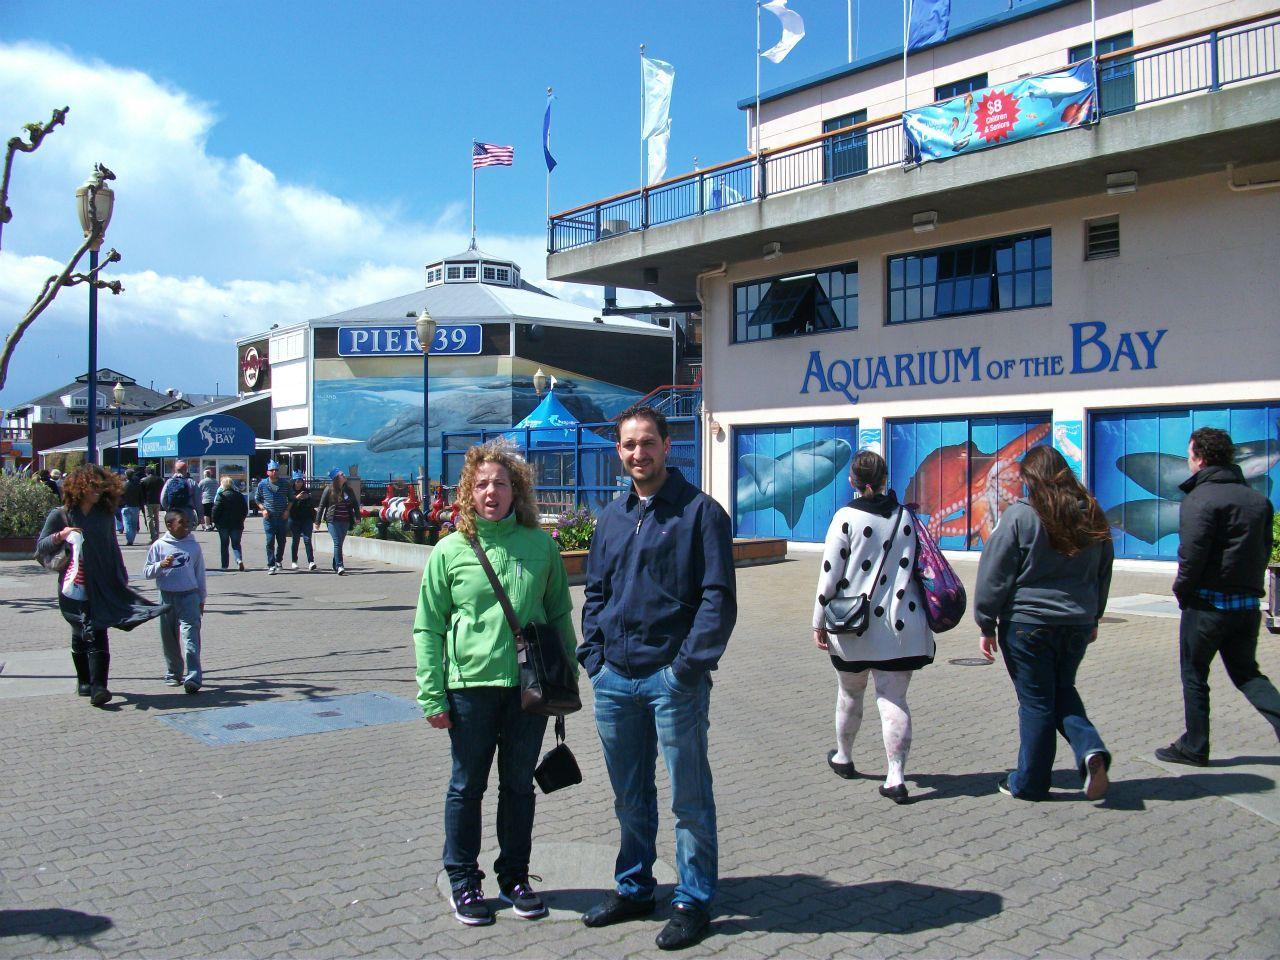 Fisherman's Wharf en San Francisco. Pier 39